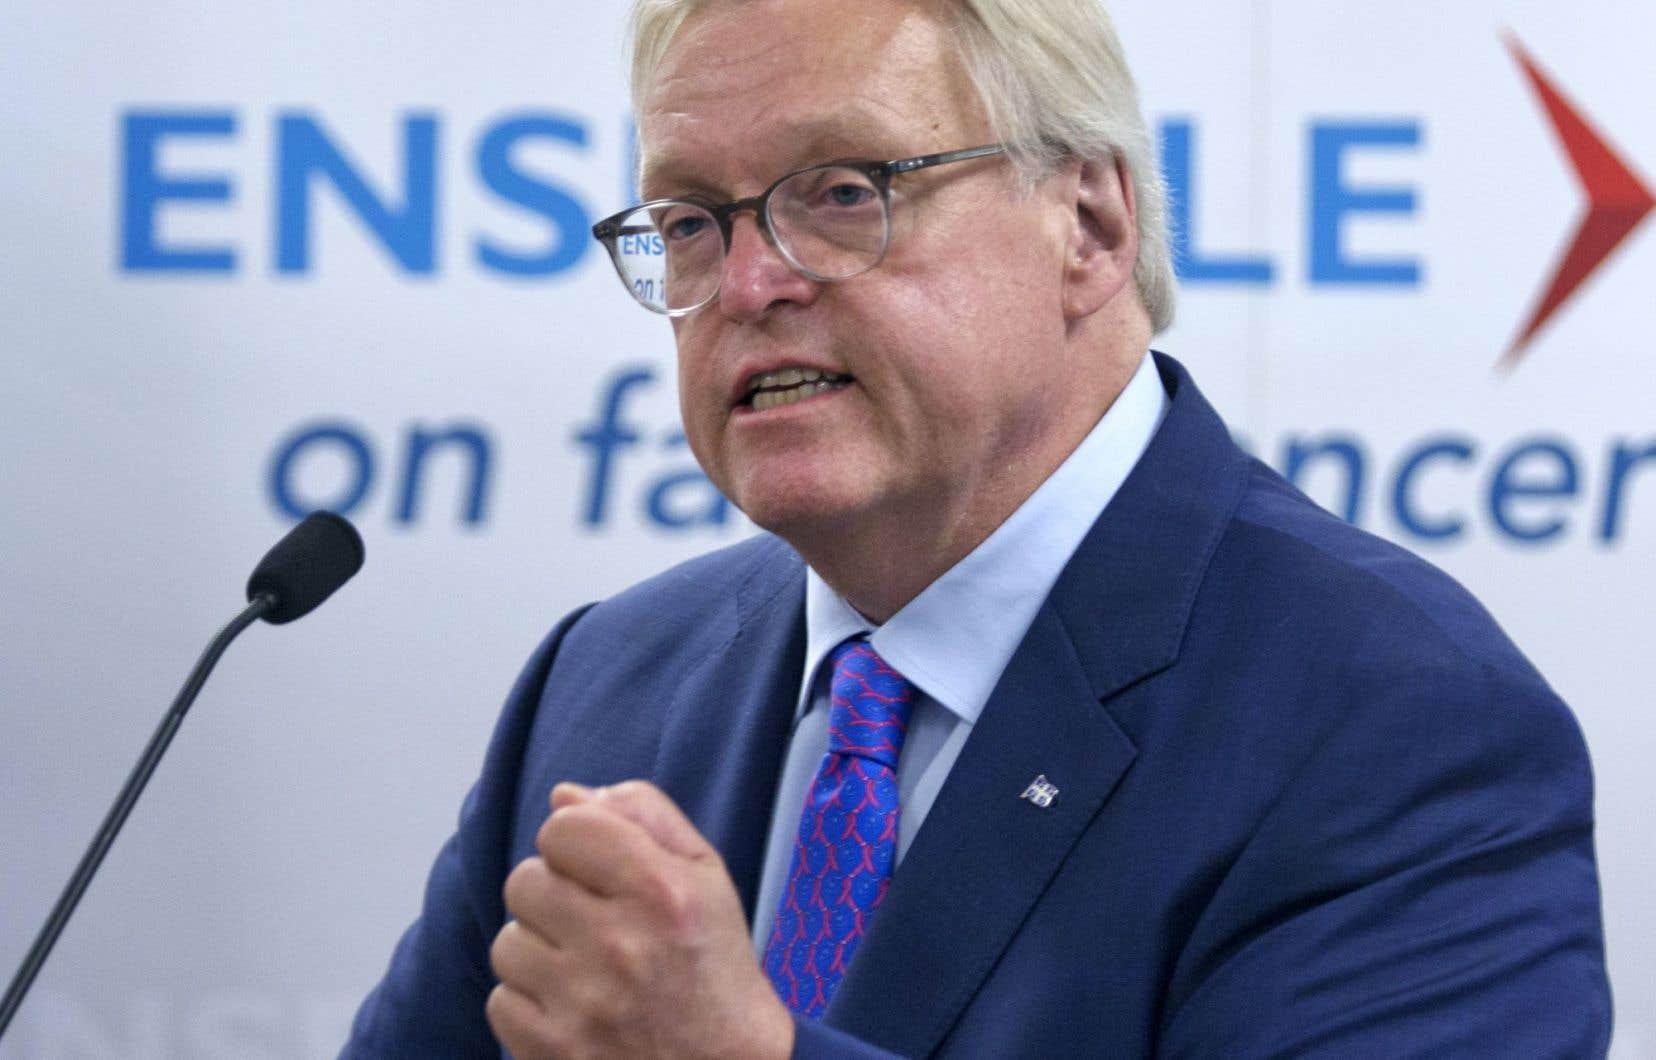 Le ministre de la Santé, Gaétan Barrette, a qualifié la lettre de son homologue fédérale, dans laquelle elle annonce vouloir réclamer remboursement à Québec, de «spectacle», lundi en point de presse.